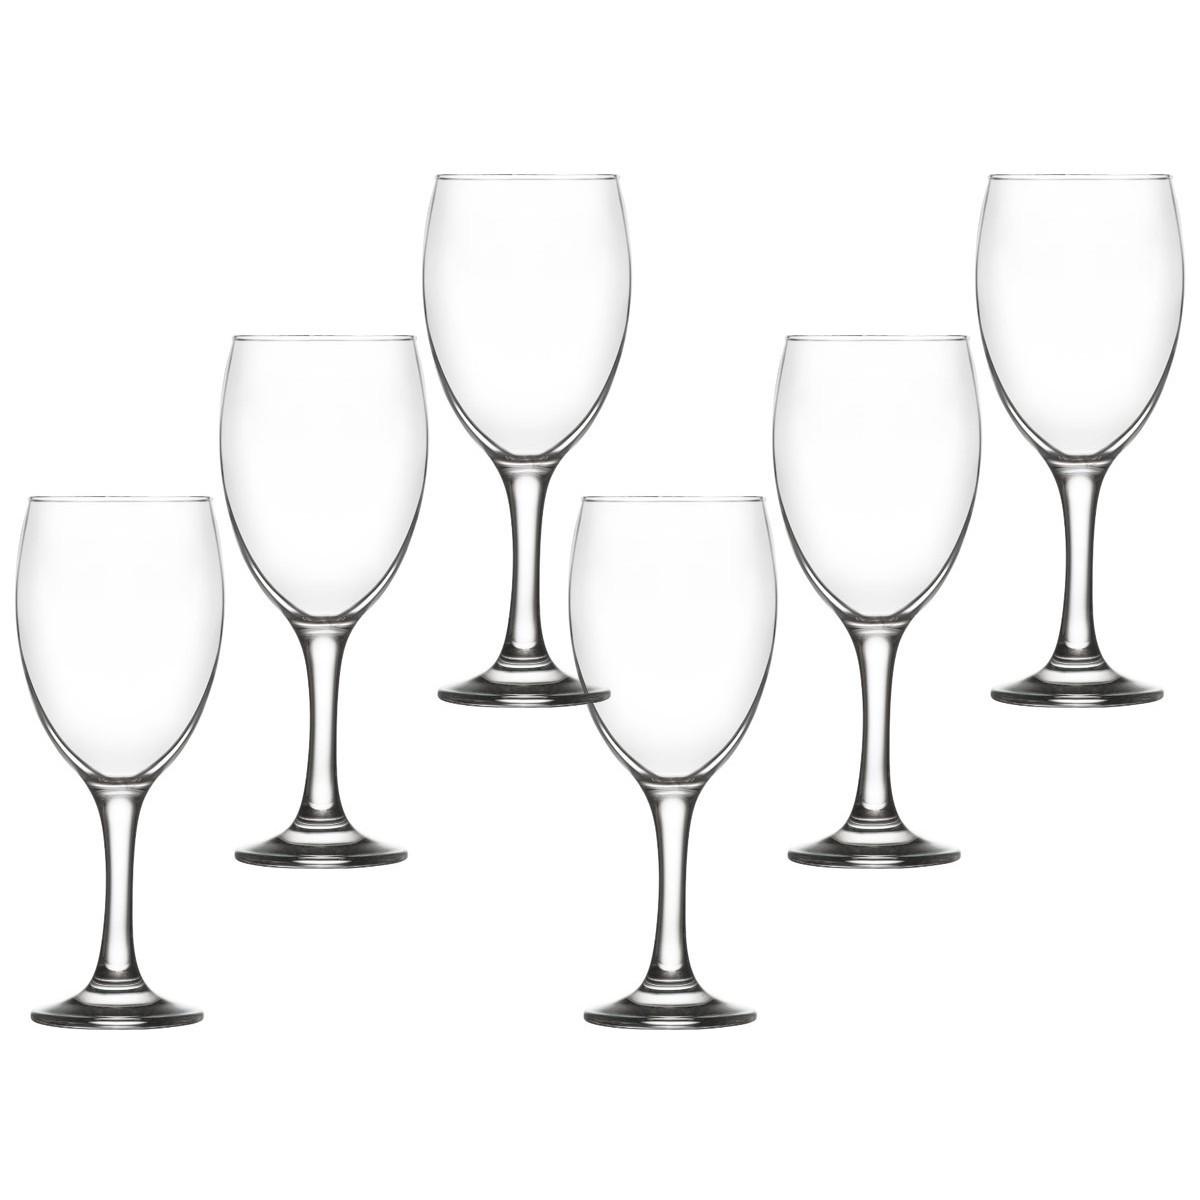 Набір келихів для вина 6 шт 590 мл Empire Lav 31-146-173